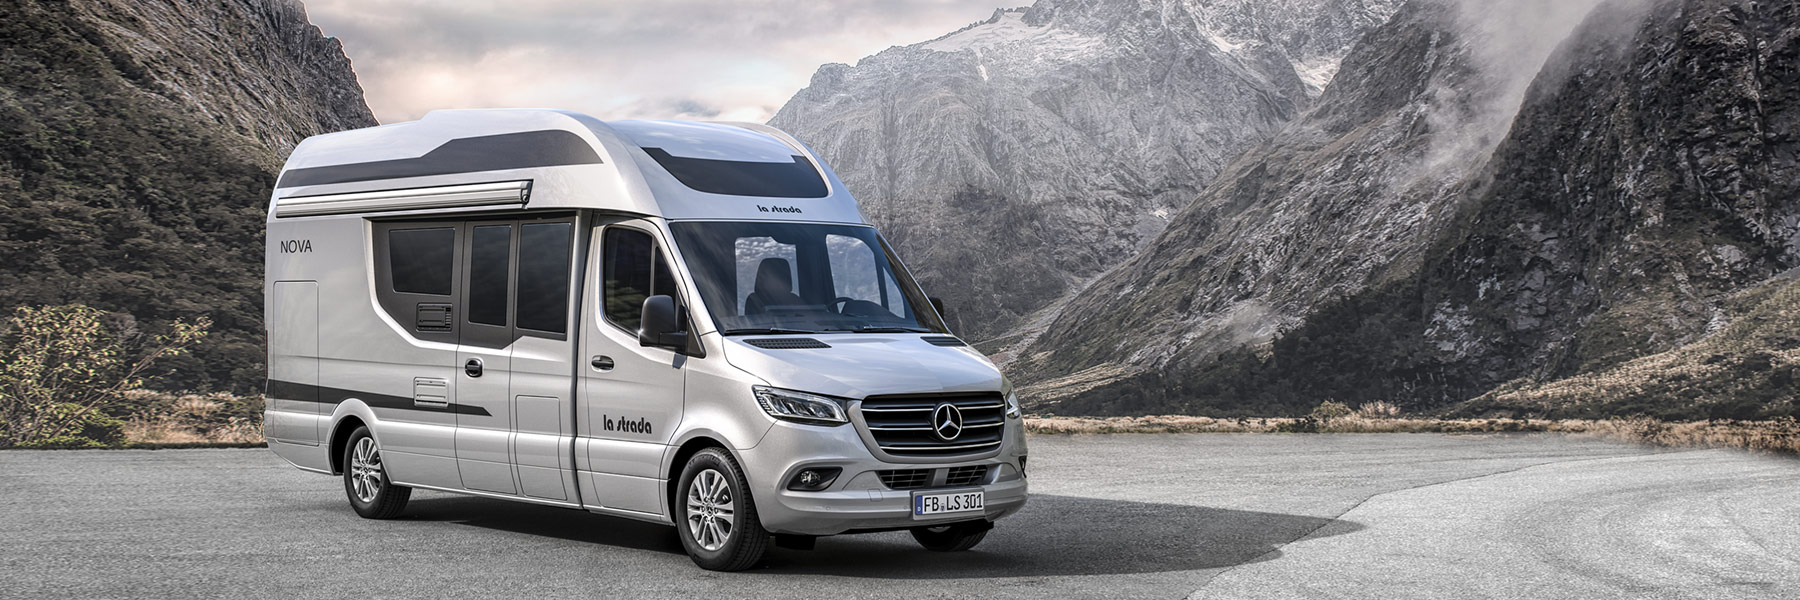 Nova EB - motorhome kopen 2019